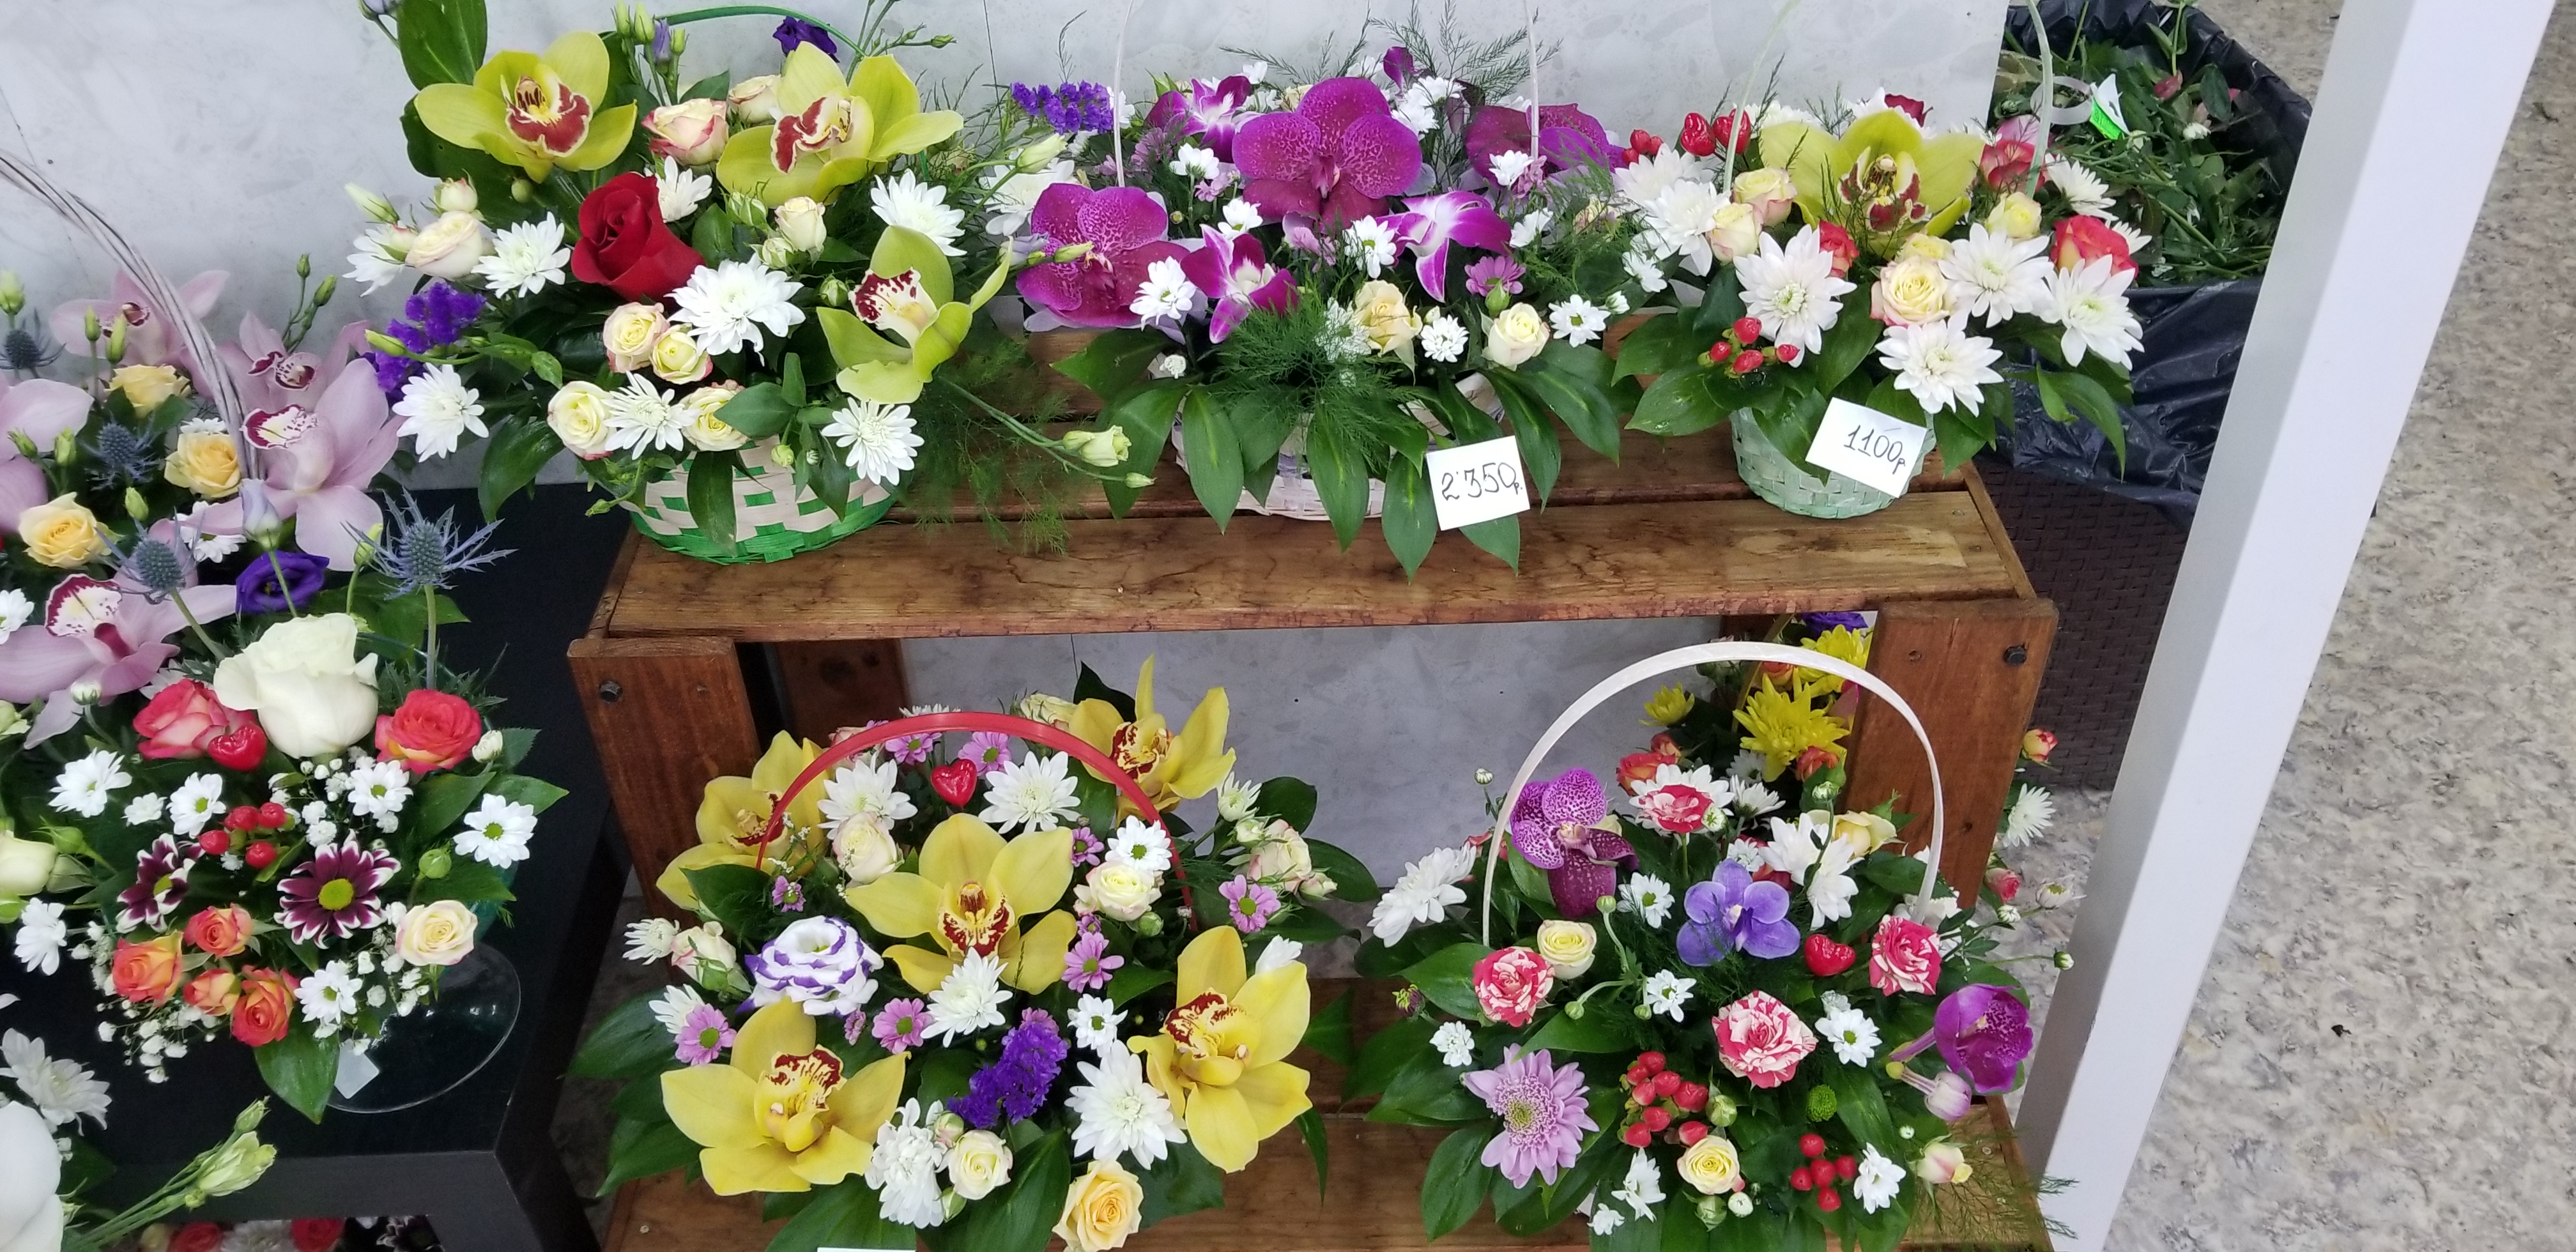 Роз, 24 часа магазин цветов